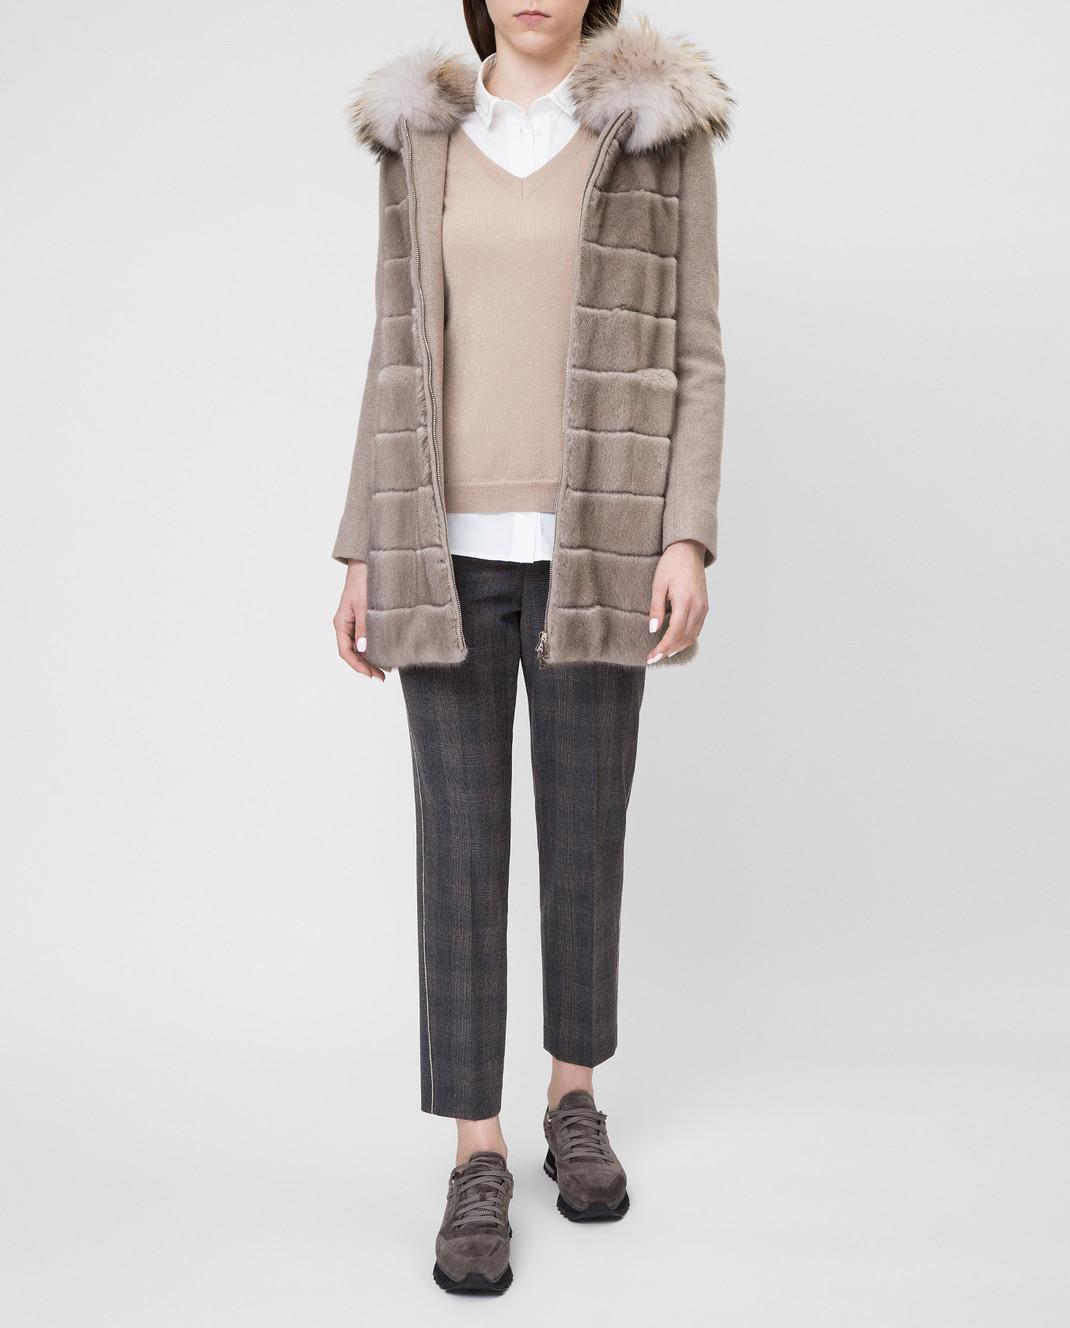 Real Furs House Бежевое пальто с мехом енота 922RFH изображение 2